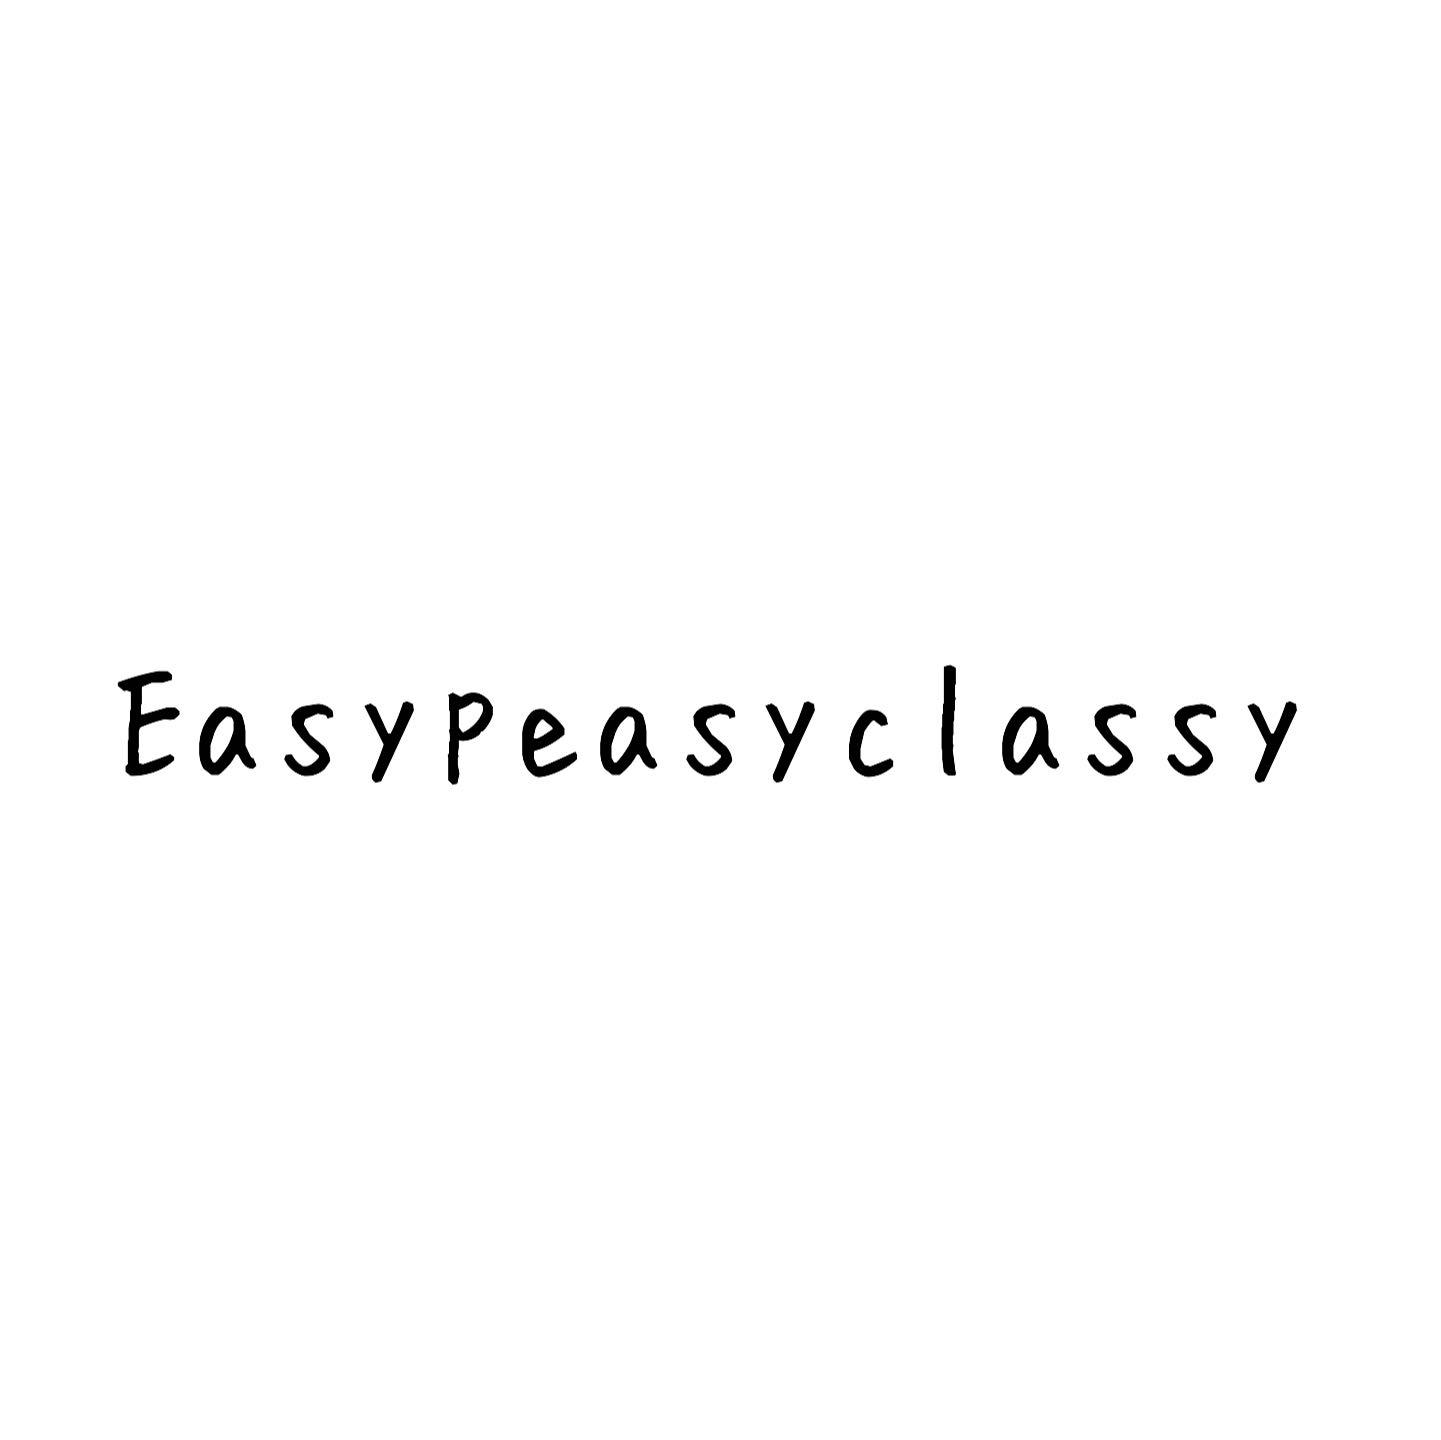 easypeasyclassy